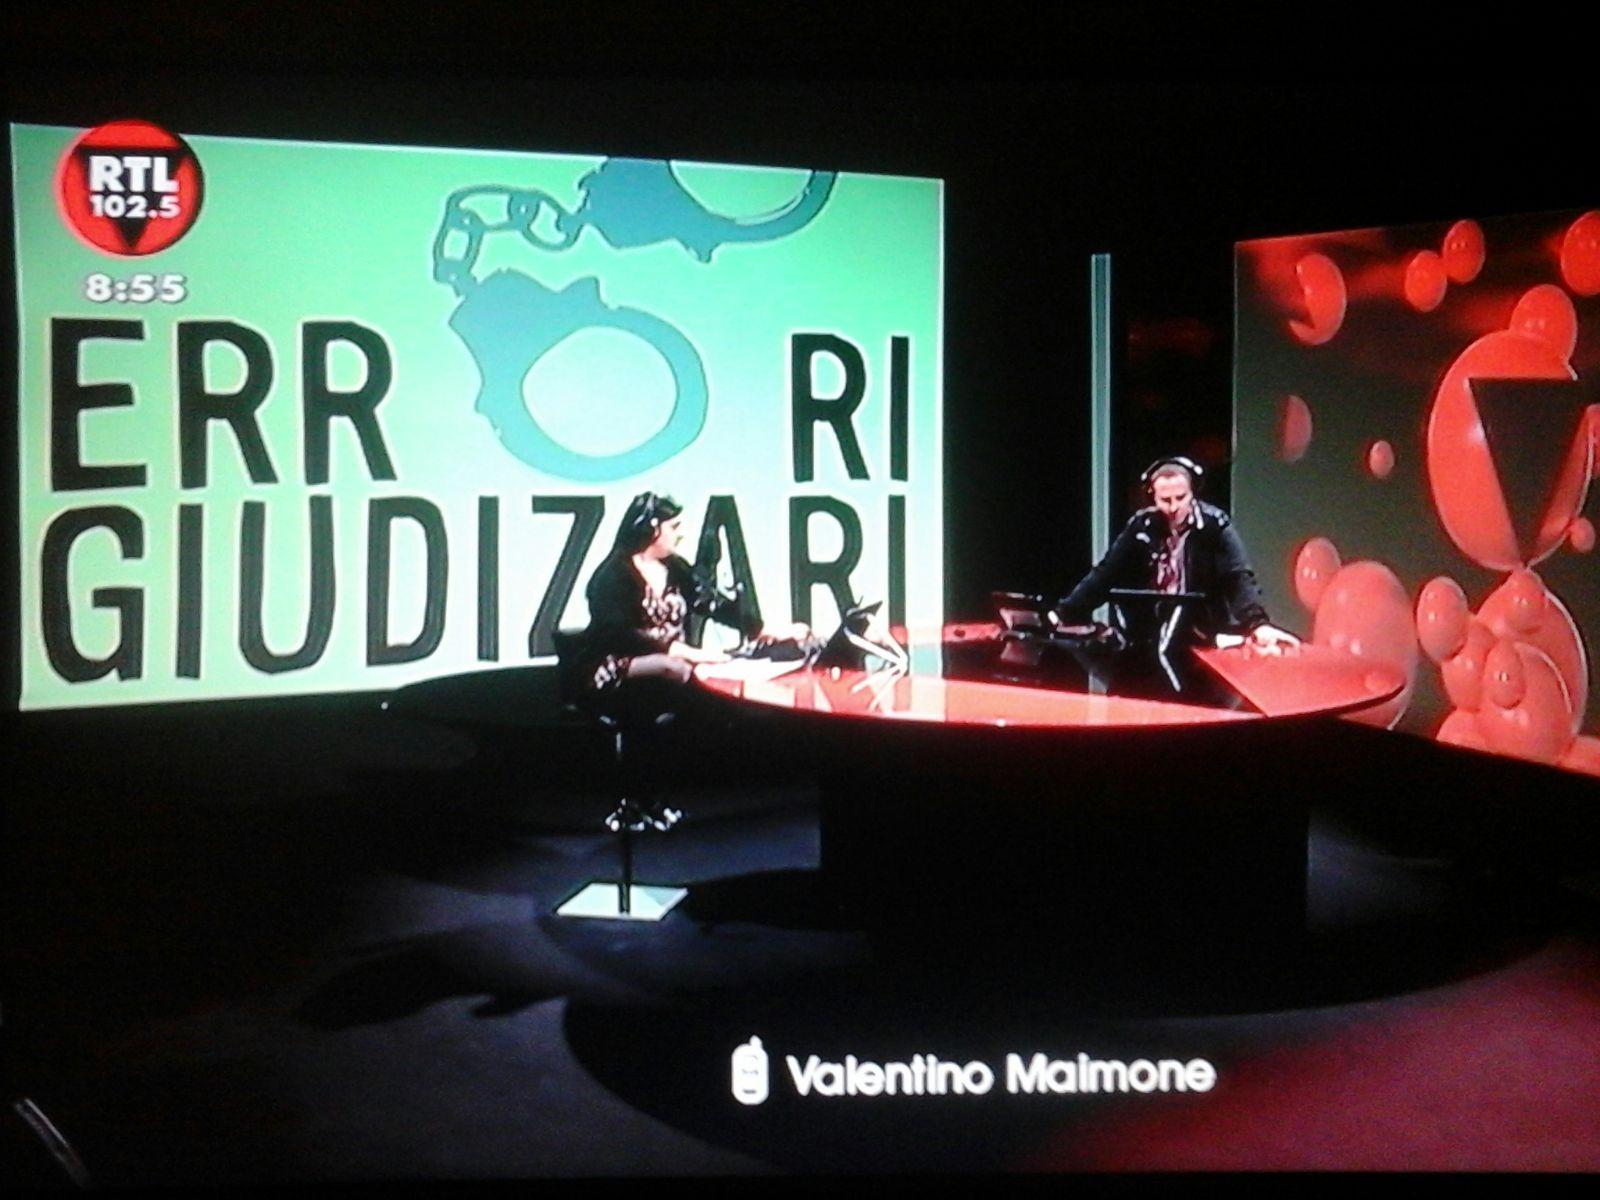 """Errorigiudiziari.com ospite di Rtl 102.5: """"Il caso Massaro, tra i più clamorosi di sempre"""""""